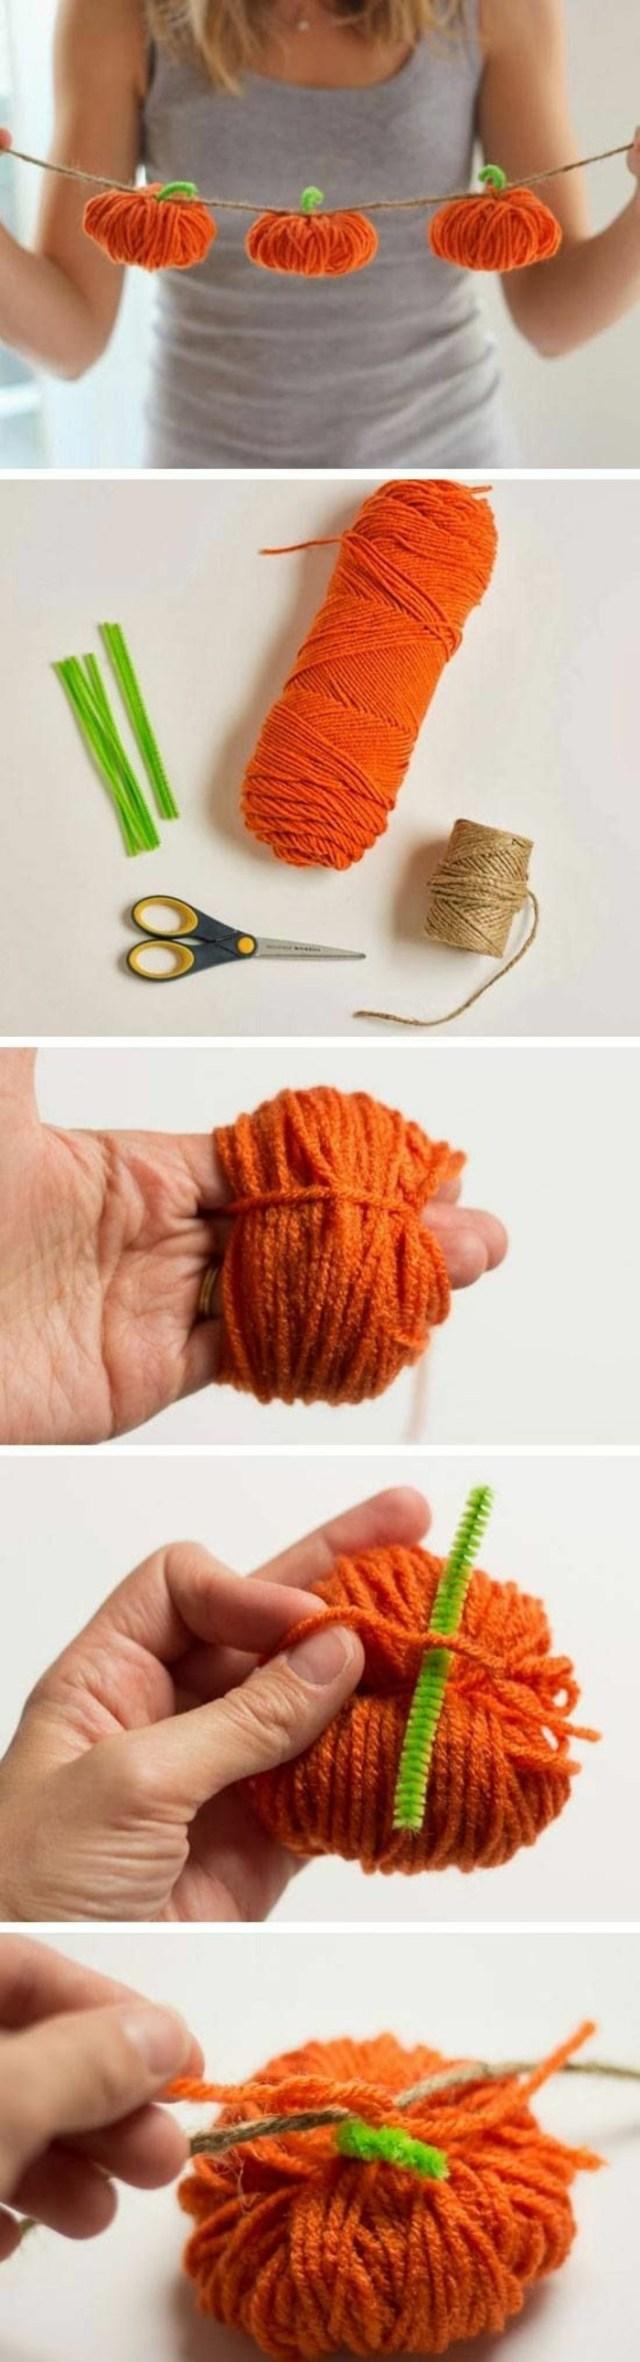 calabaza naranja Halloween iniciativas DIY